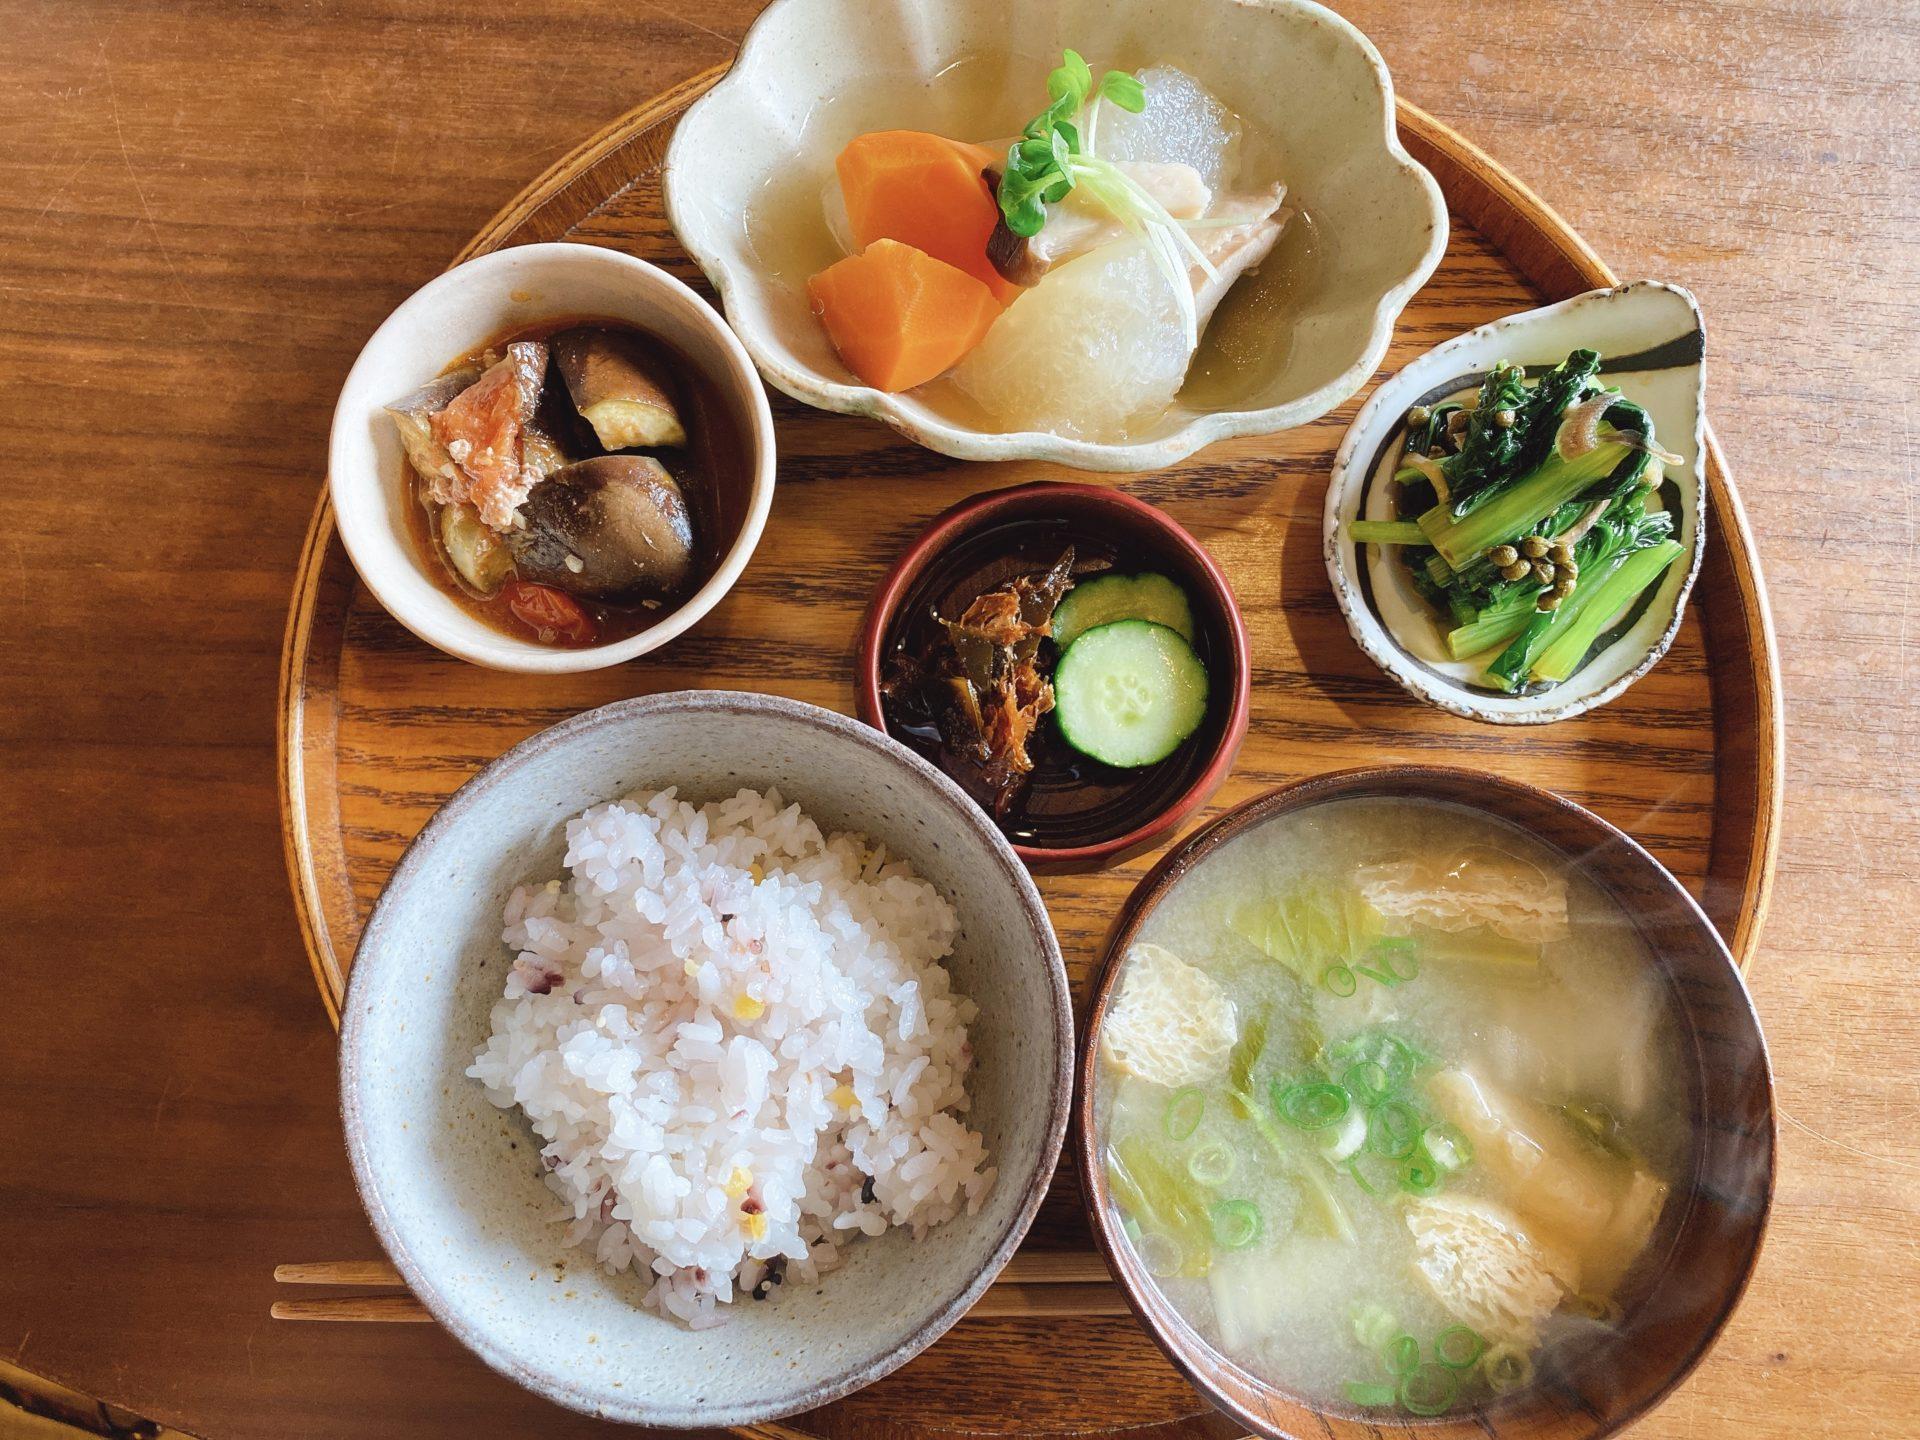 岡山駅から車で5分+徒歩5分 cafe moyau(モヤウ)で初ランチ 旭川を眼下に隠れ家のようなスペースの心地よさにハマる人続出!?